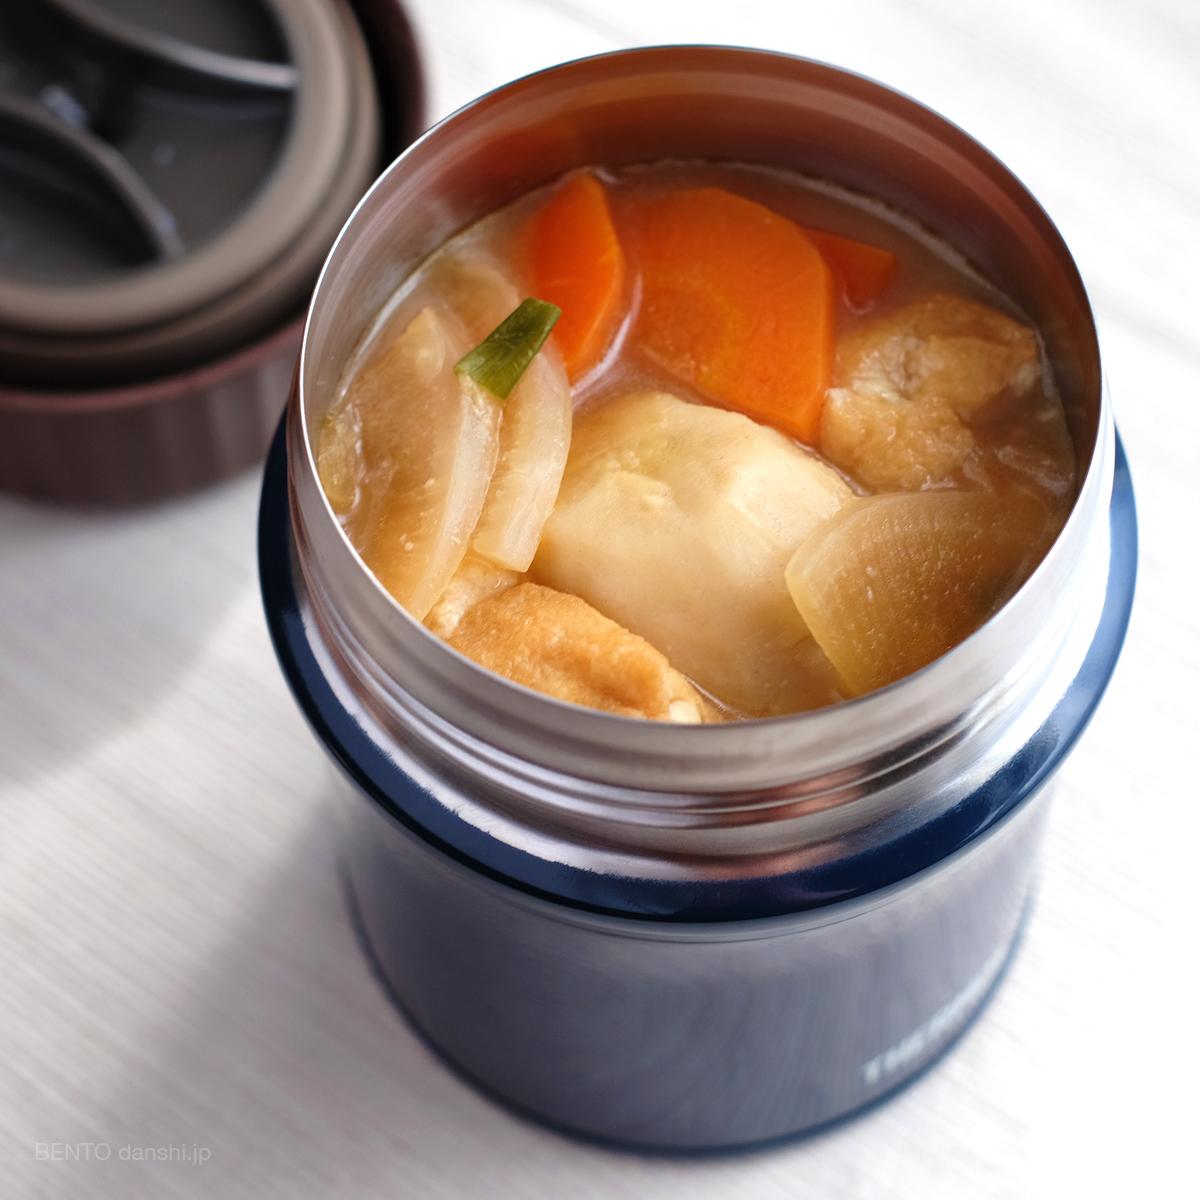 具沢山けんちん汁。男の弁当生活にも嬉しい定番・簡単スープジャーレシピ